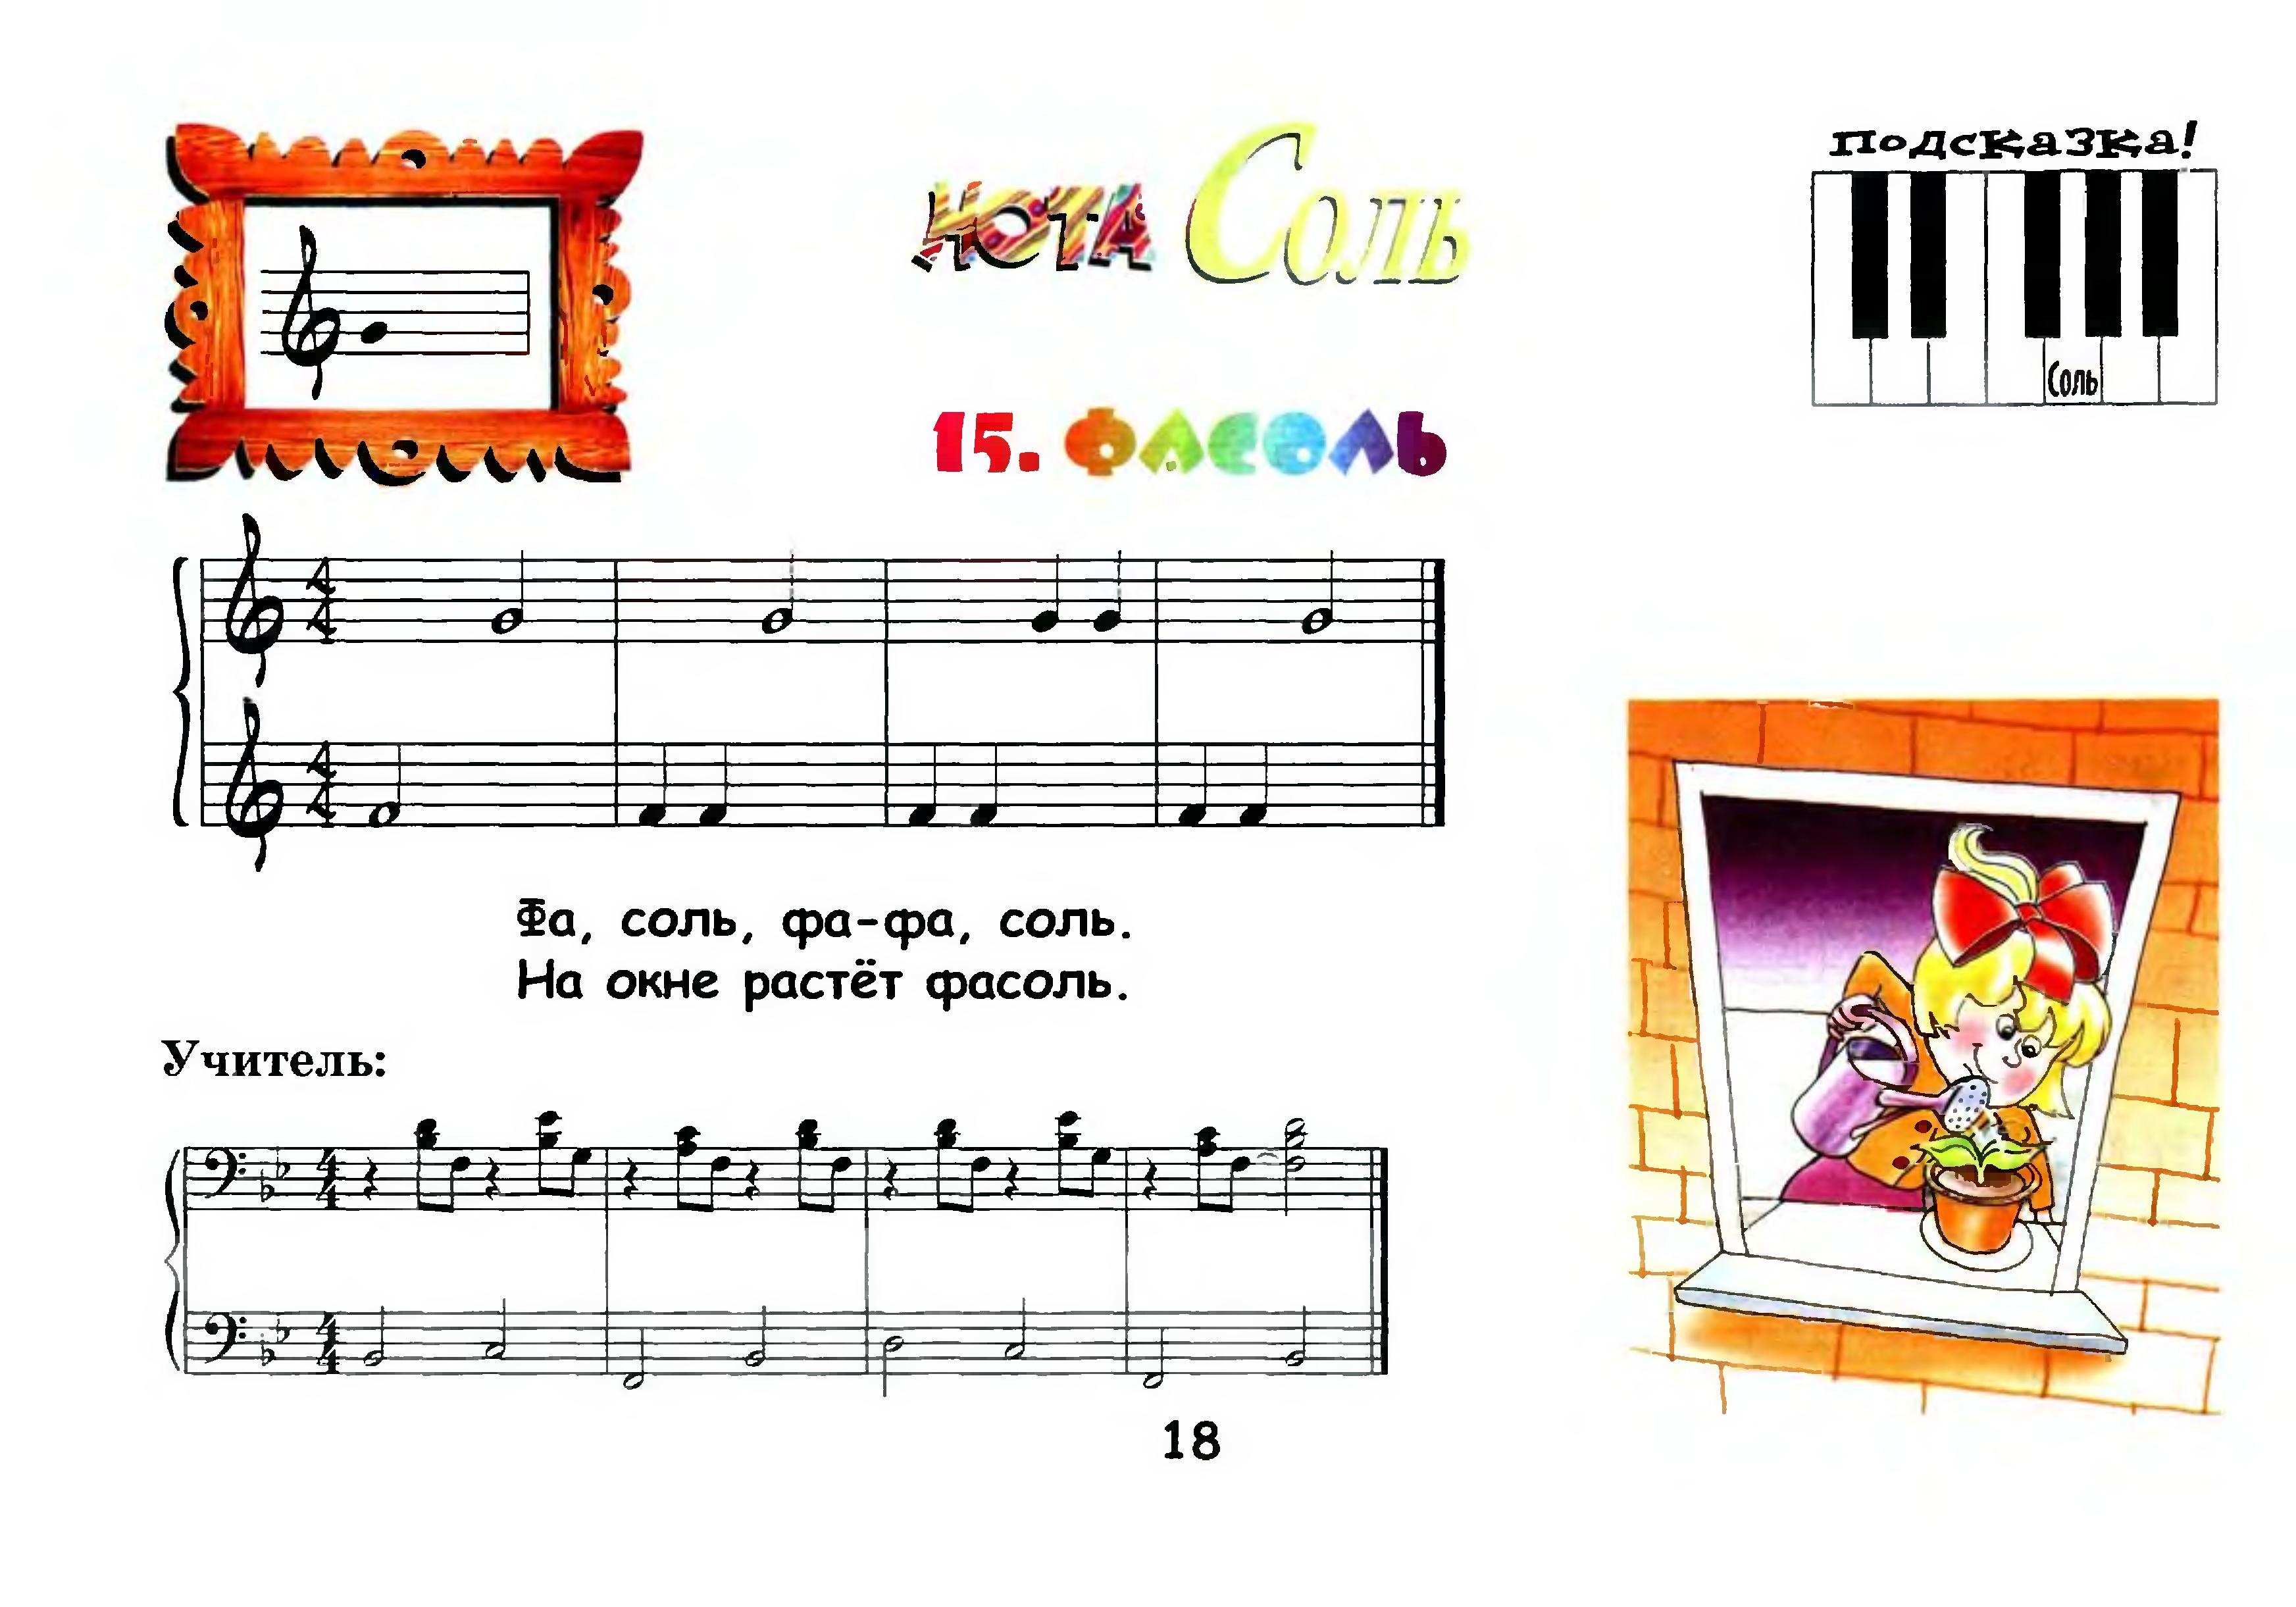 ноты пианино для начинающих картинки верхнем баргузине воздух